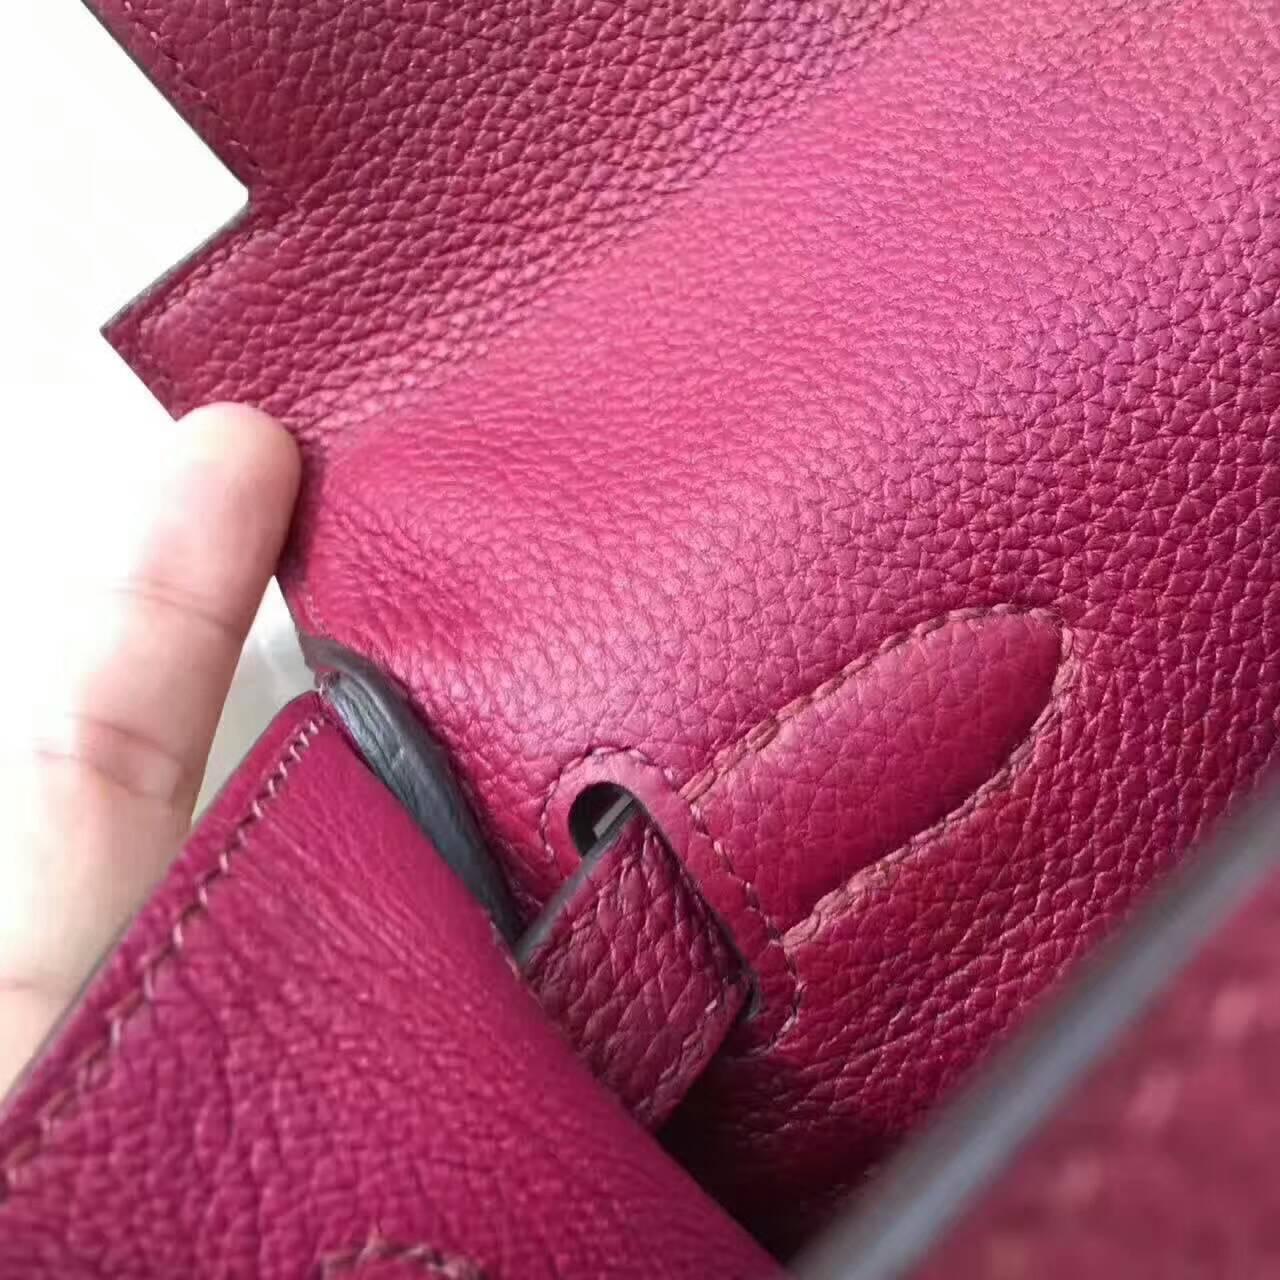 爱马仕凯莉包 Kelly 28cm Togo 法国原产小牛皮 B5 Rubis 宝石红 银扣